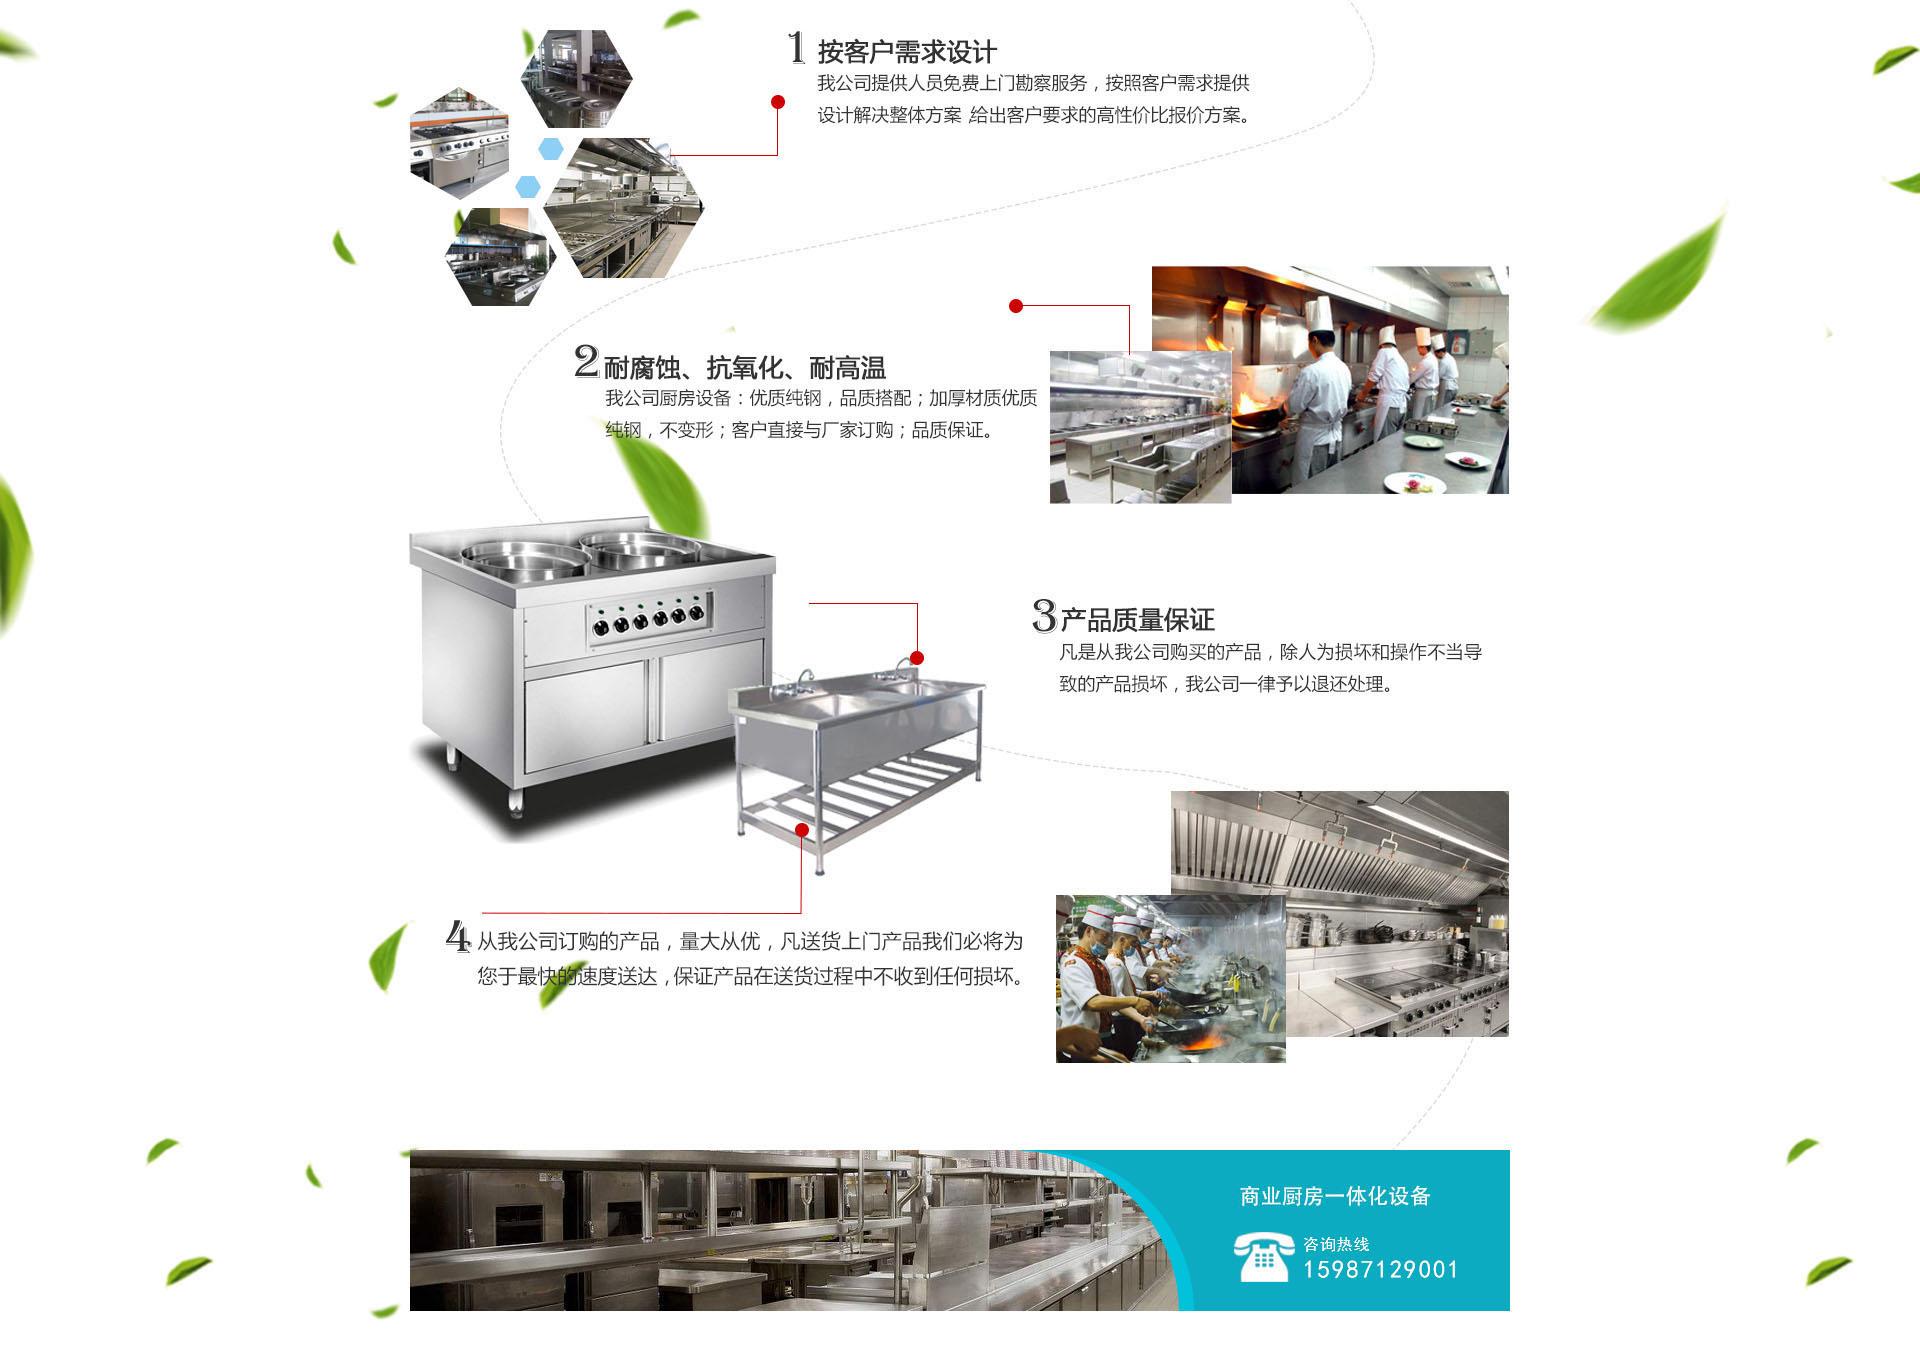 云南厨房设备